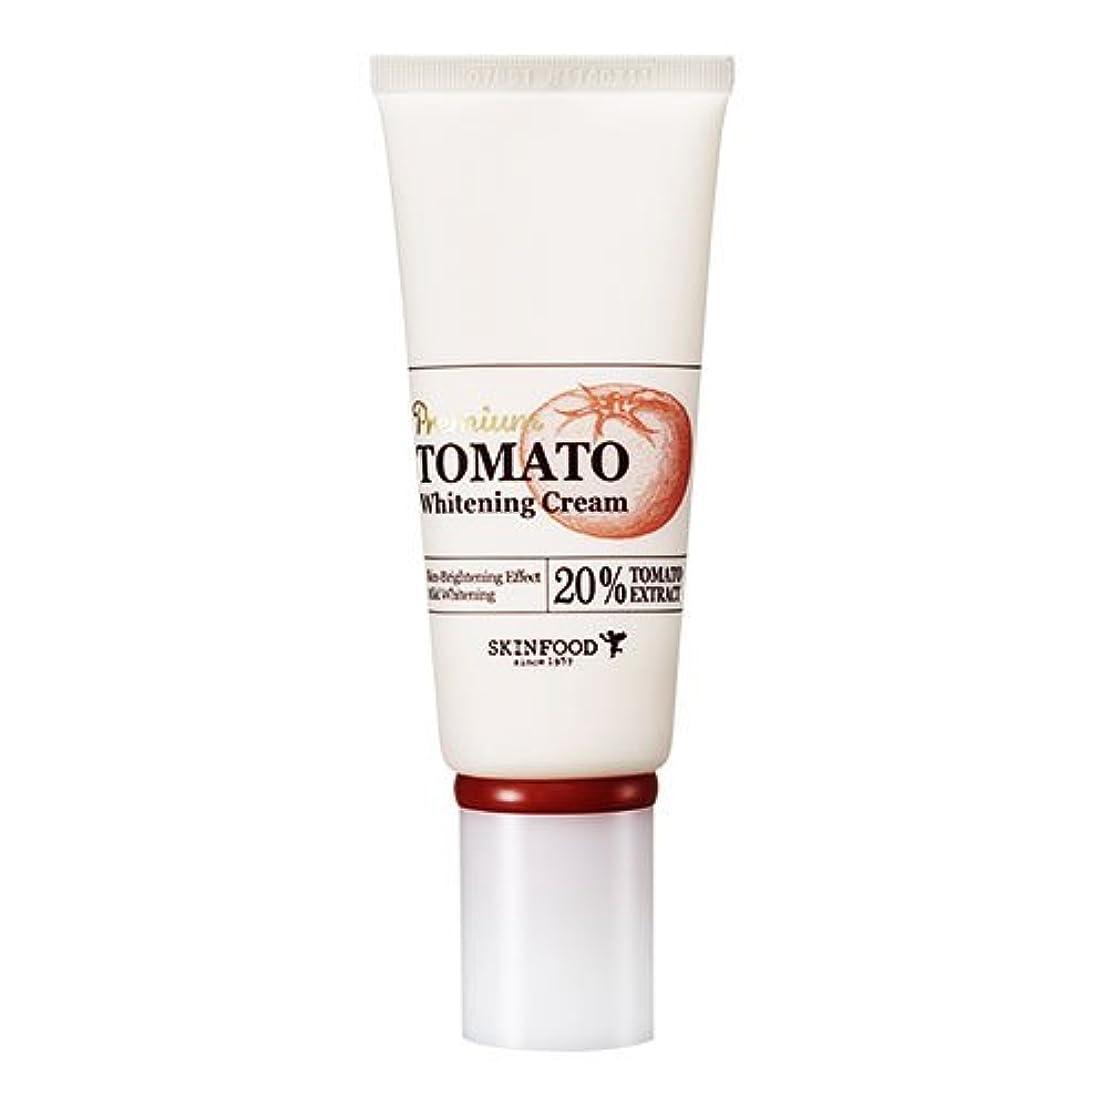 申請者苦お勧めSkinfood プレミアムトマトホワイトニングクリーム(美白効果) / Premium Tomato Whitening Cream (Skin-Brightening Effect) 50g [並行輸入品]